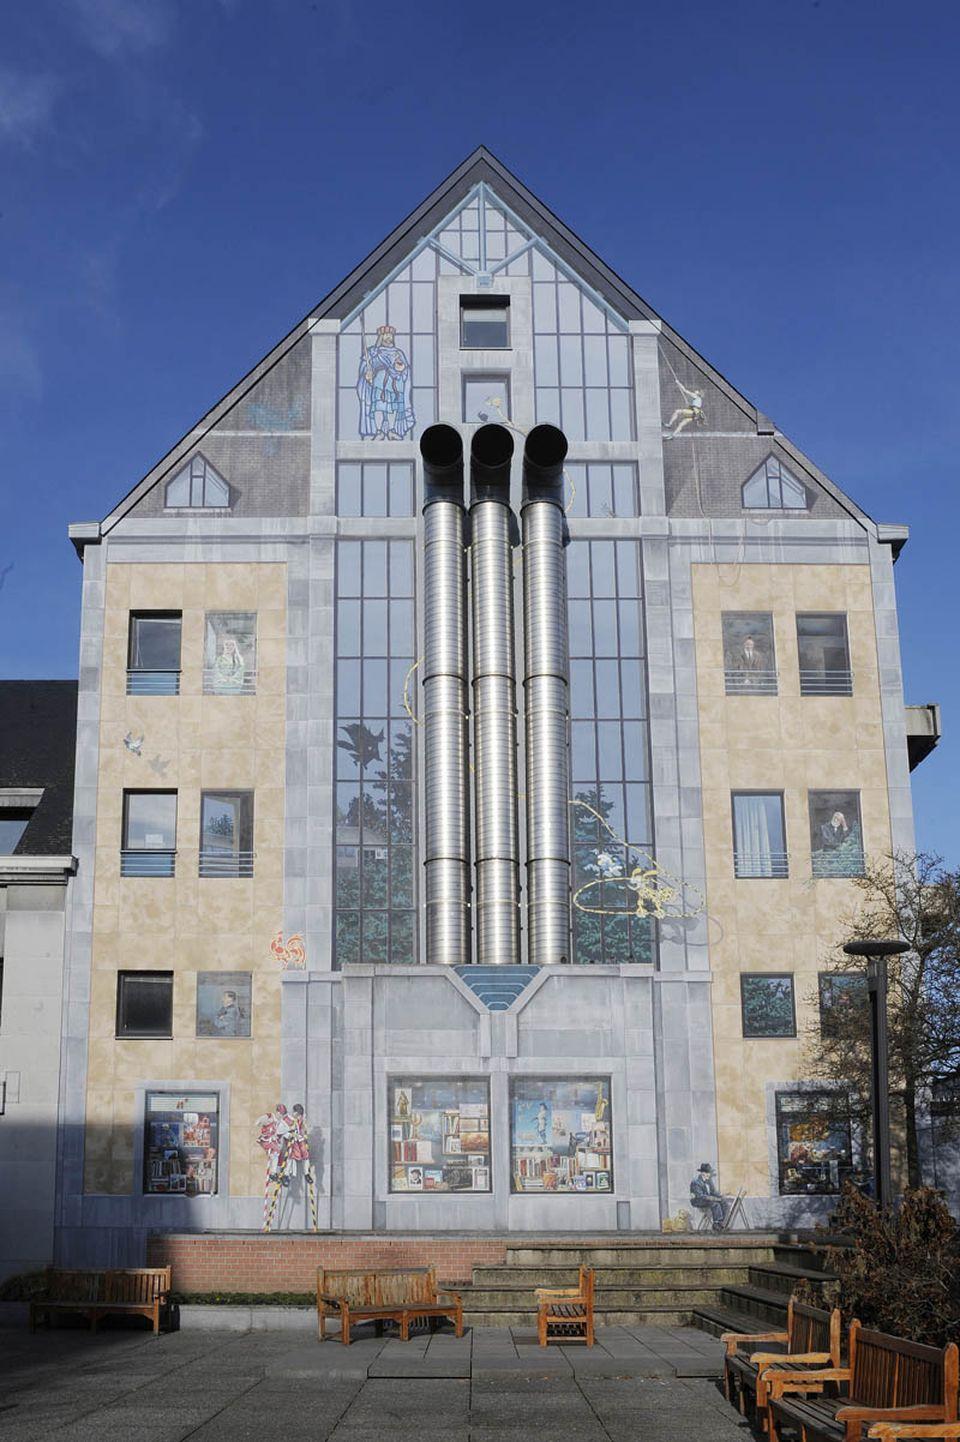 Patrimoine architectural fresque des wallons visit namur office du tourisme de namur - Jardin maison de la culture namur montreuil ...